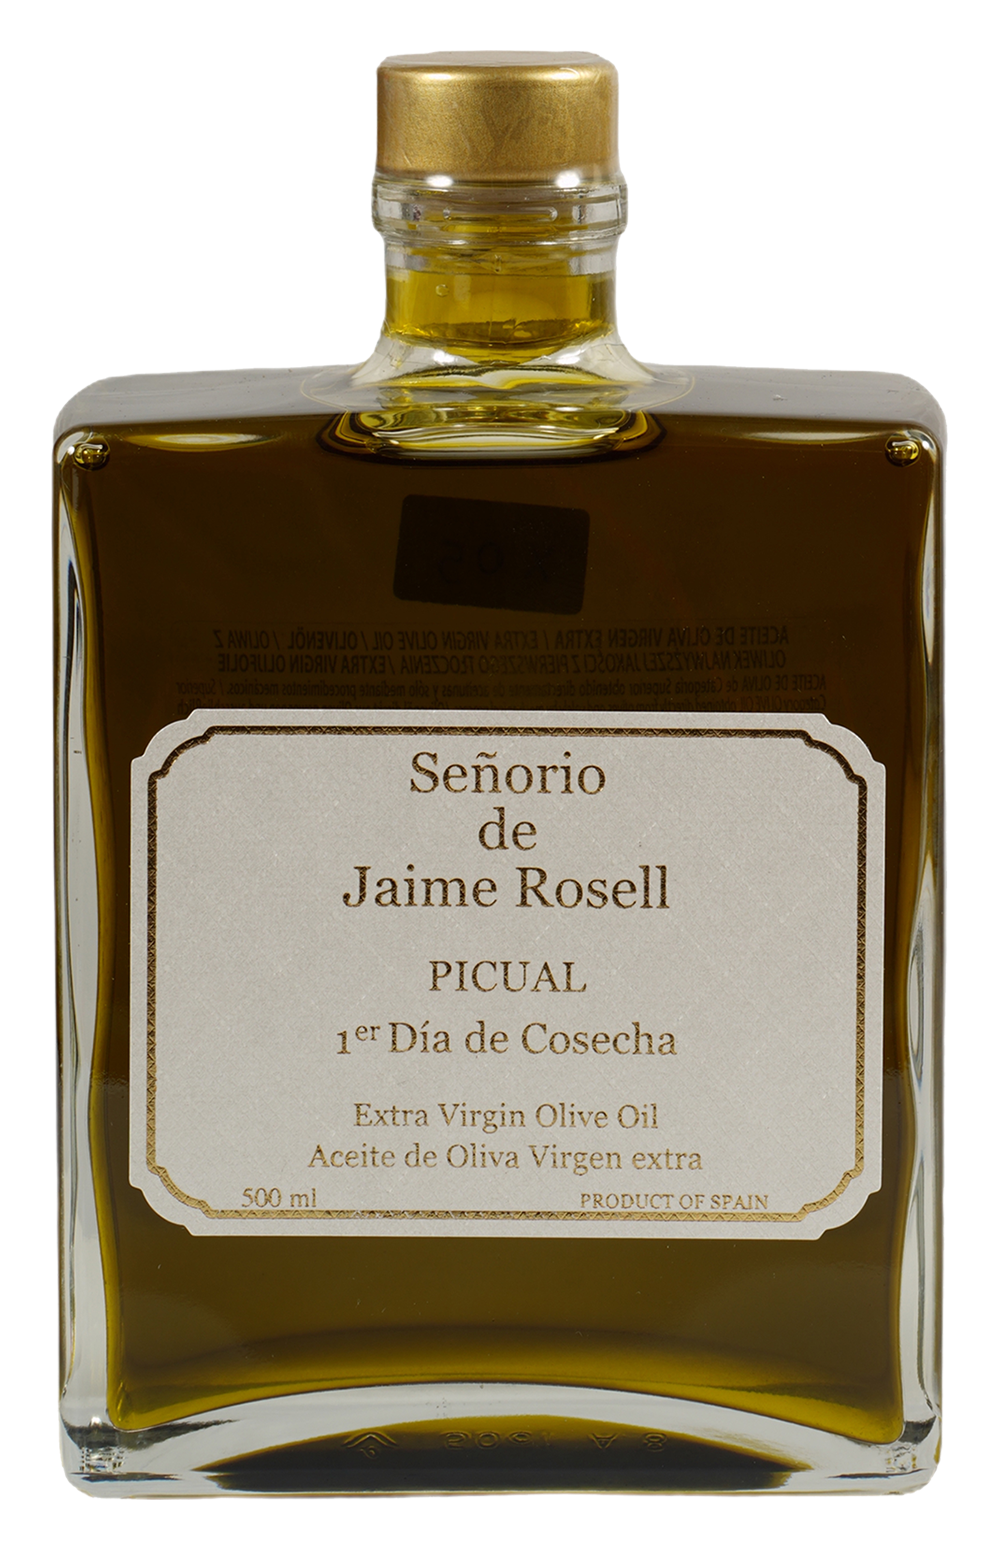 Senorio de Jaime Rosell 1er Dia de Cosecha